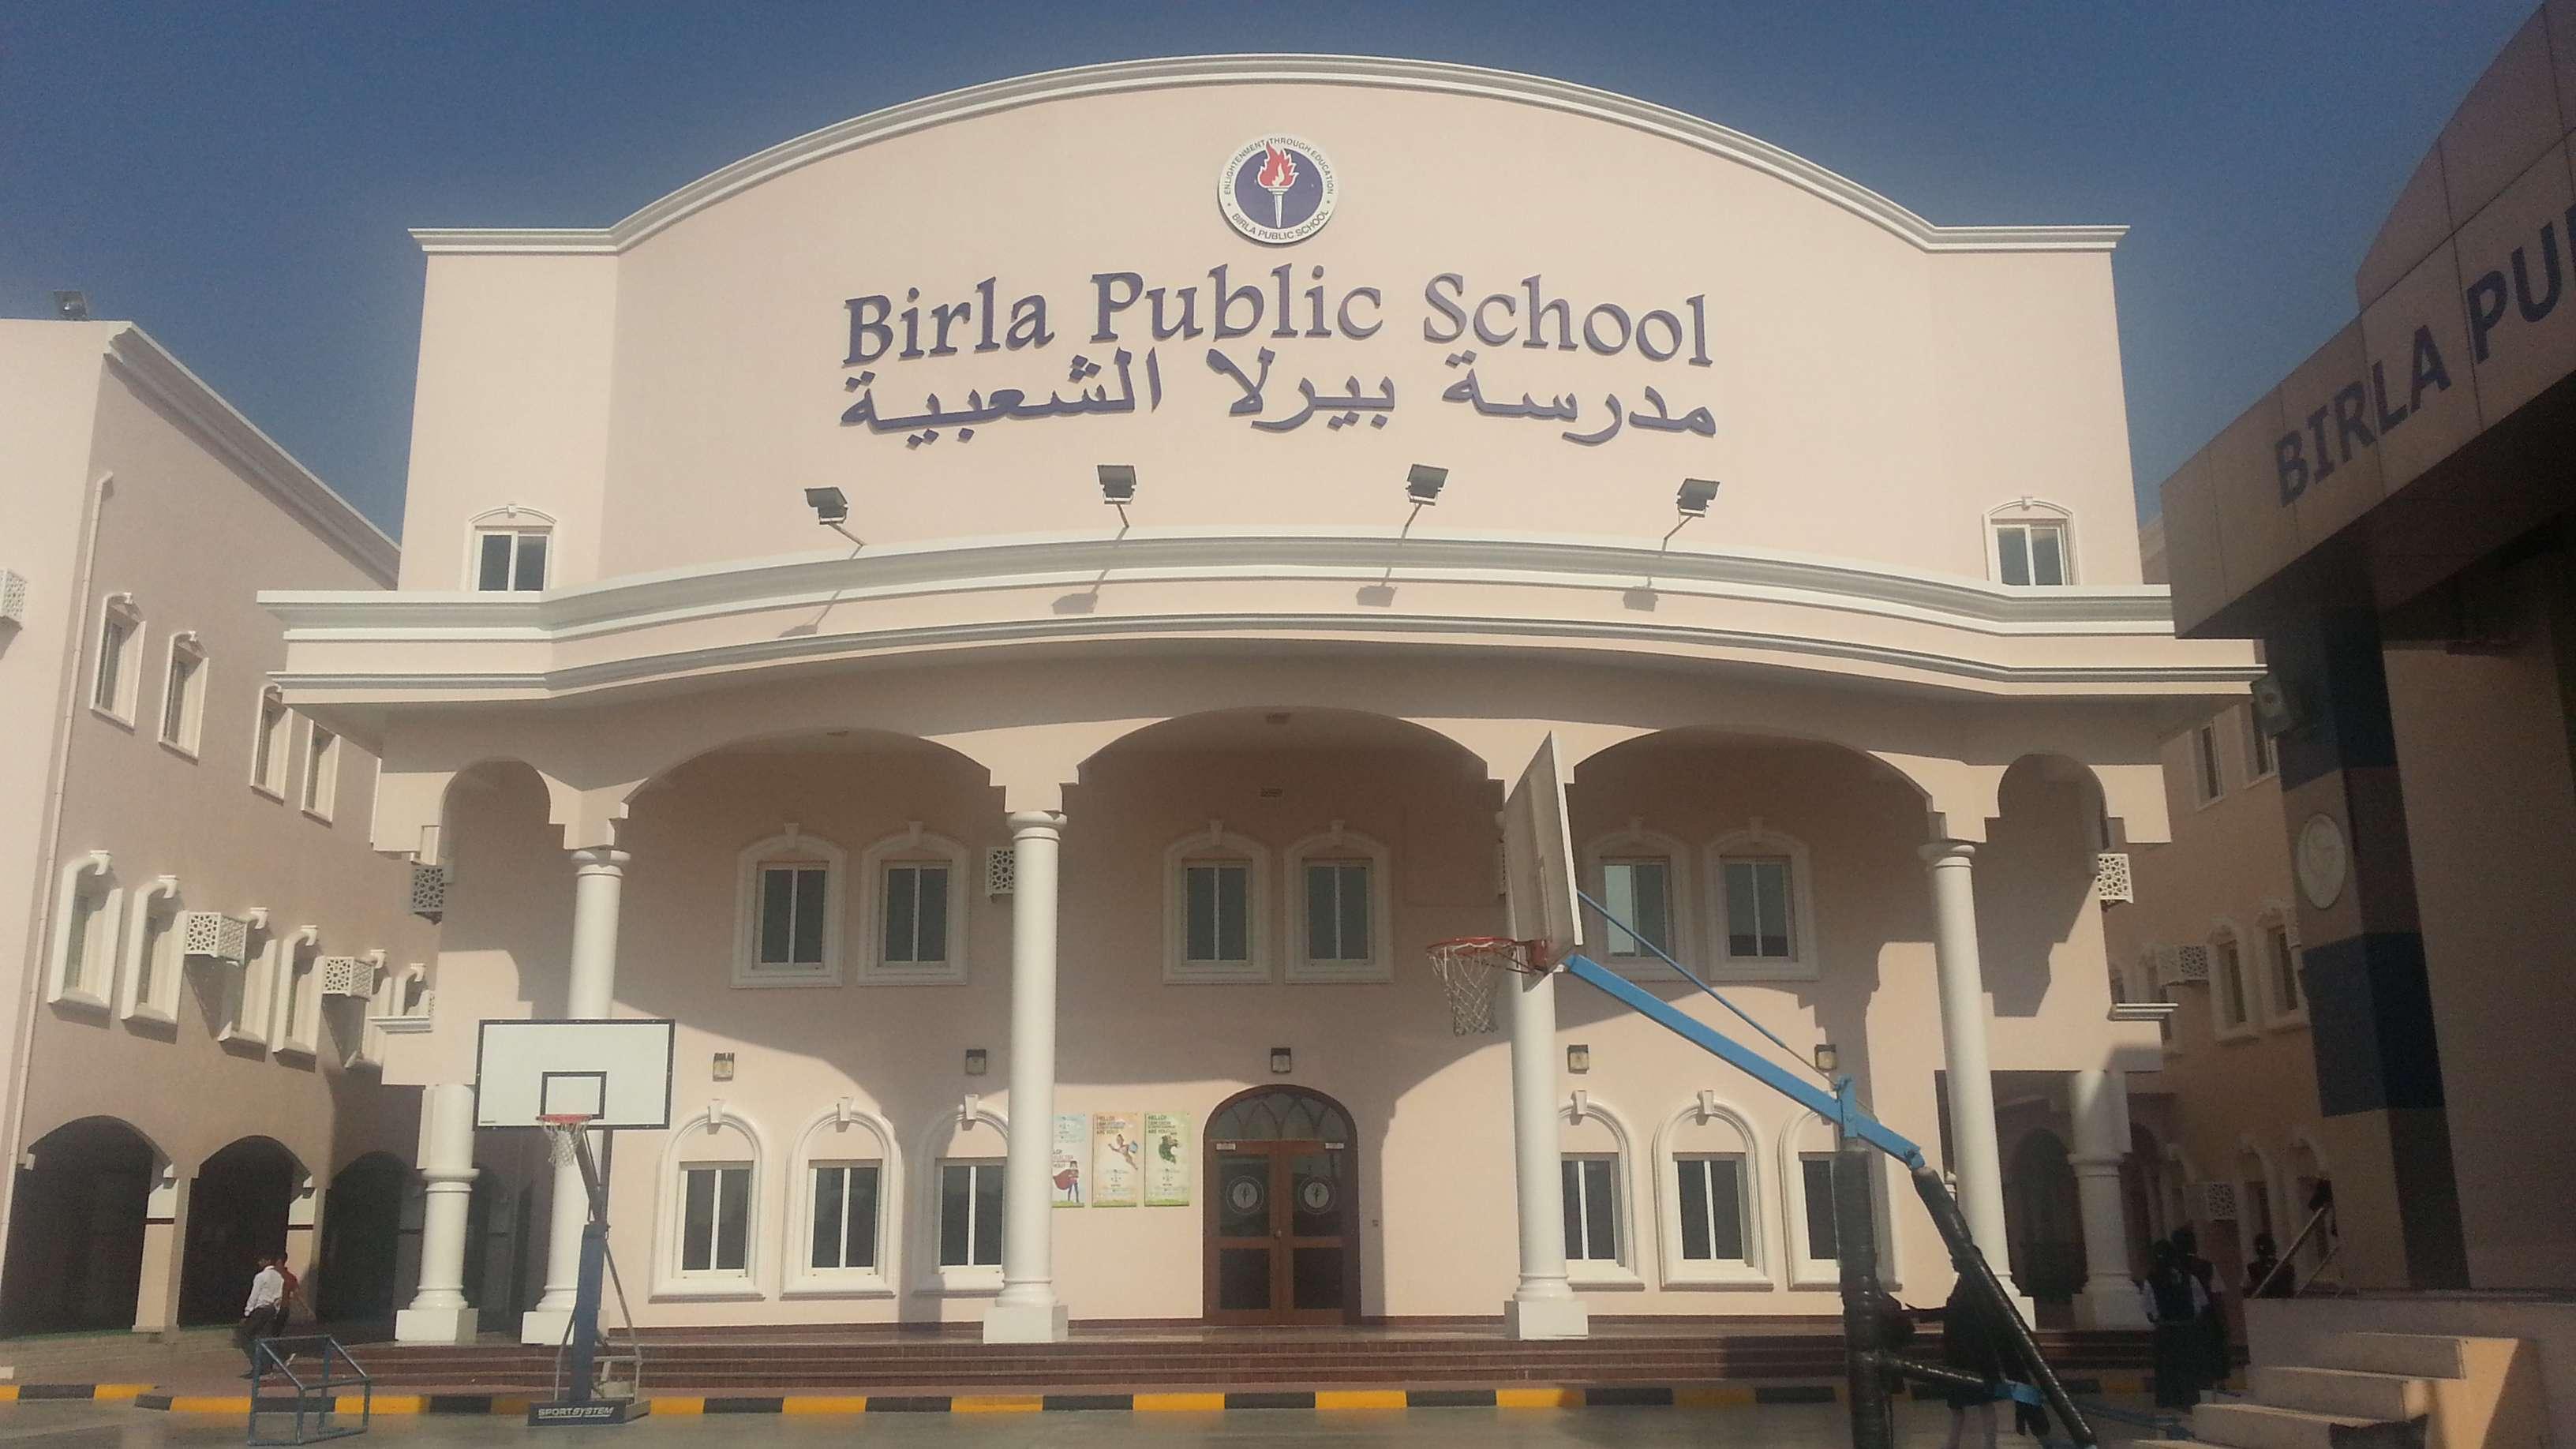 BIRLA PUBLIC SCHOOL PO BOX 24686 DOHA QATAR 6330006